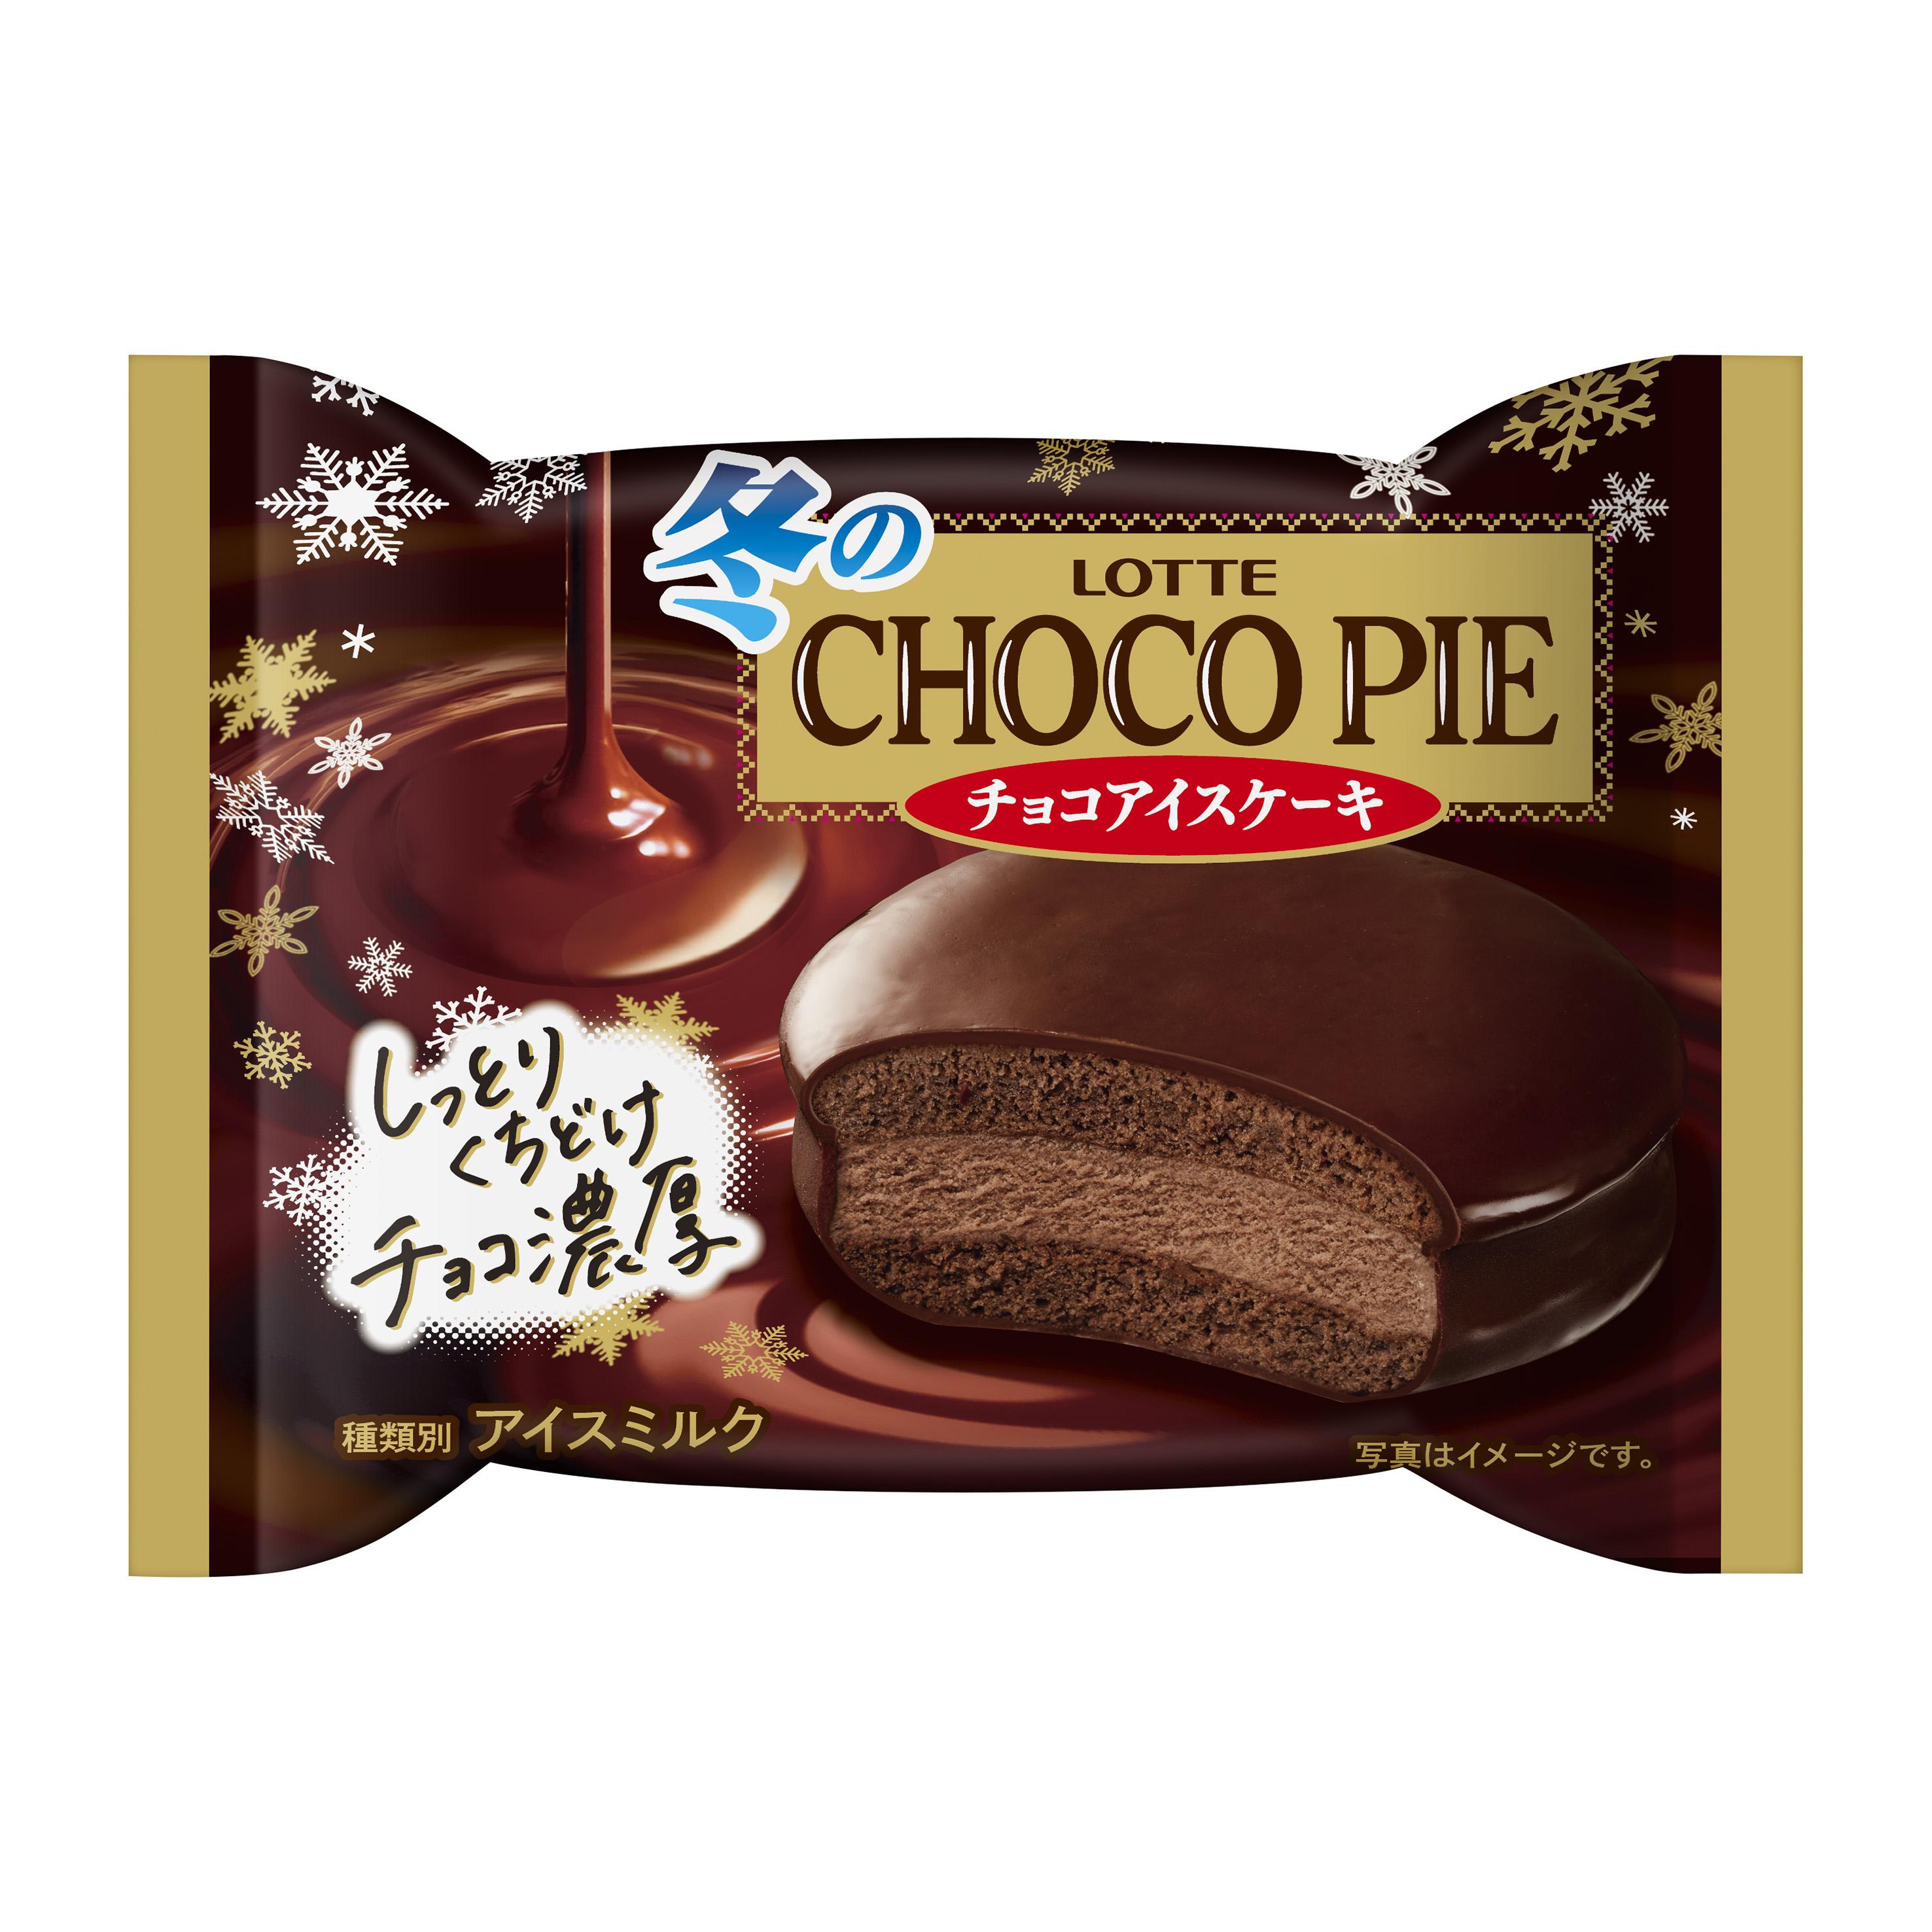 今年も「冬のチョコパイ」シリーズ登場!『冬のチョコパイアイス』&『冬のチョコパイ<濃厚仕立て>』が発売🍫❄️